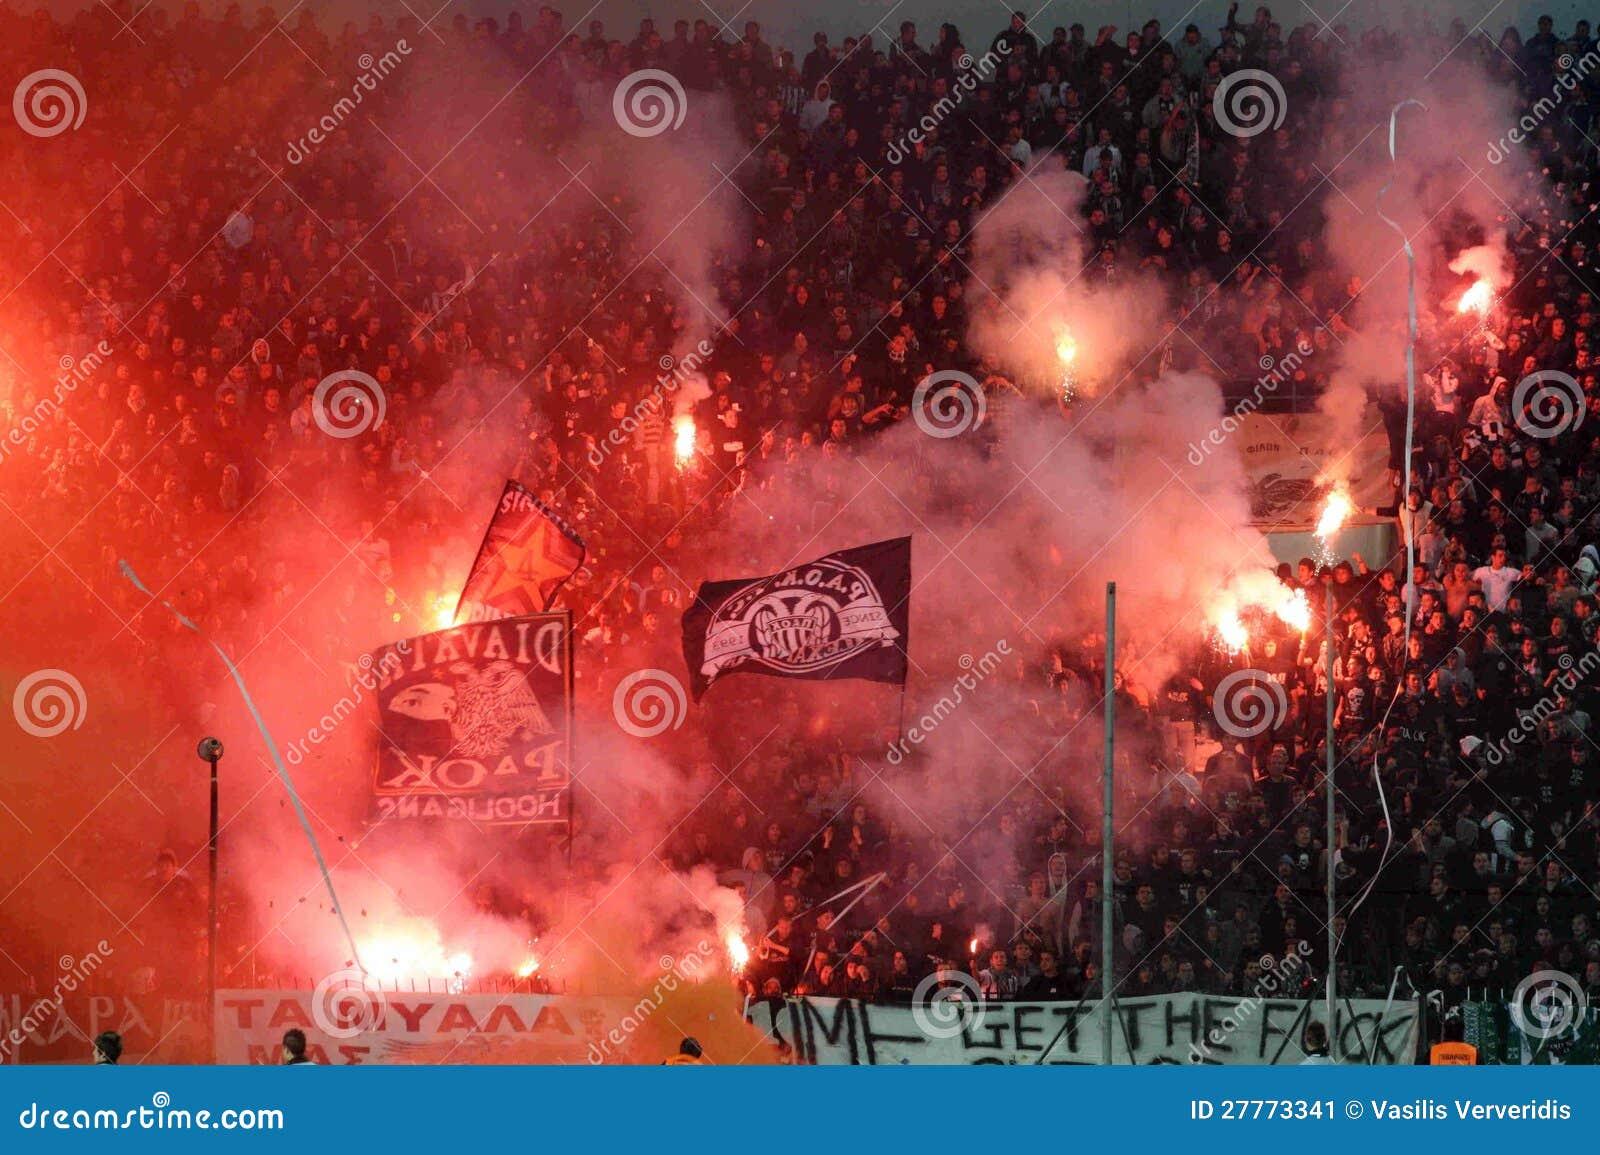 Match de football entre Paok et Panathnaikos